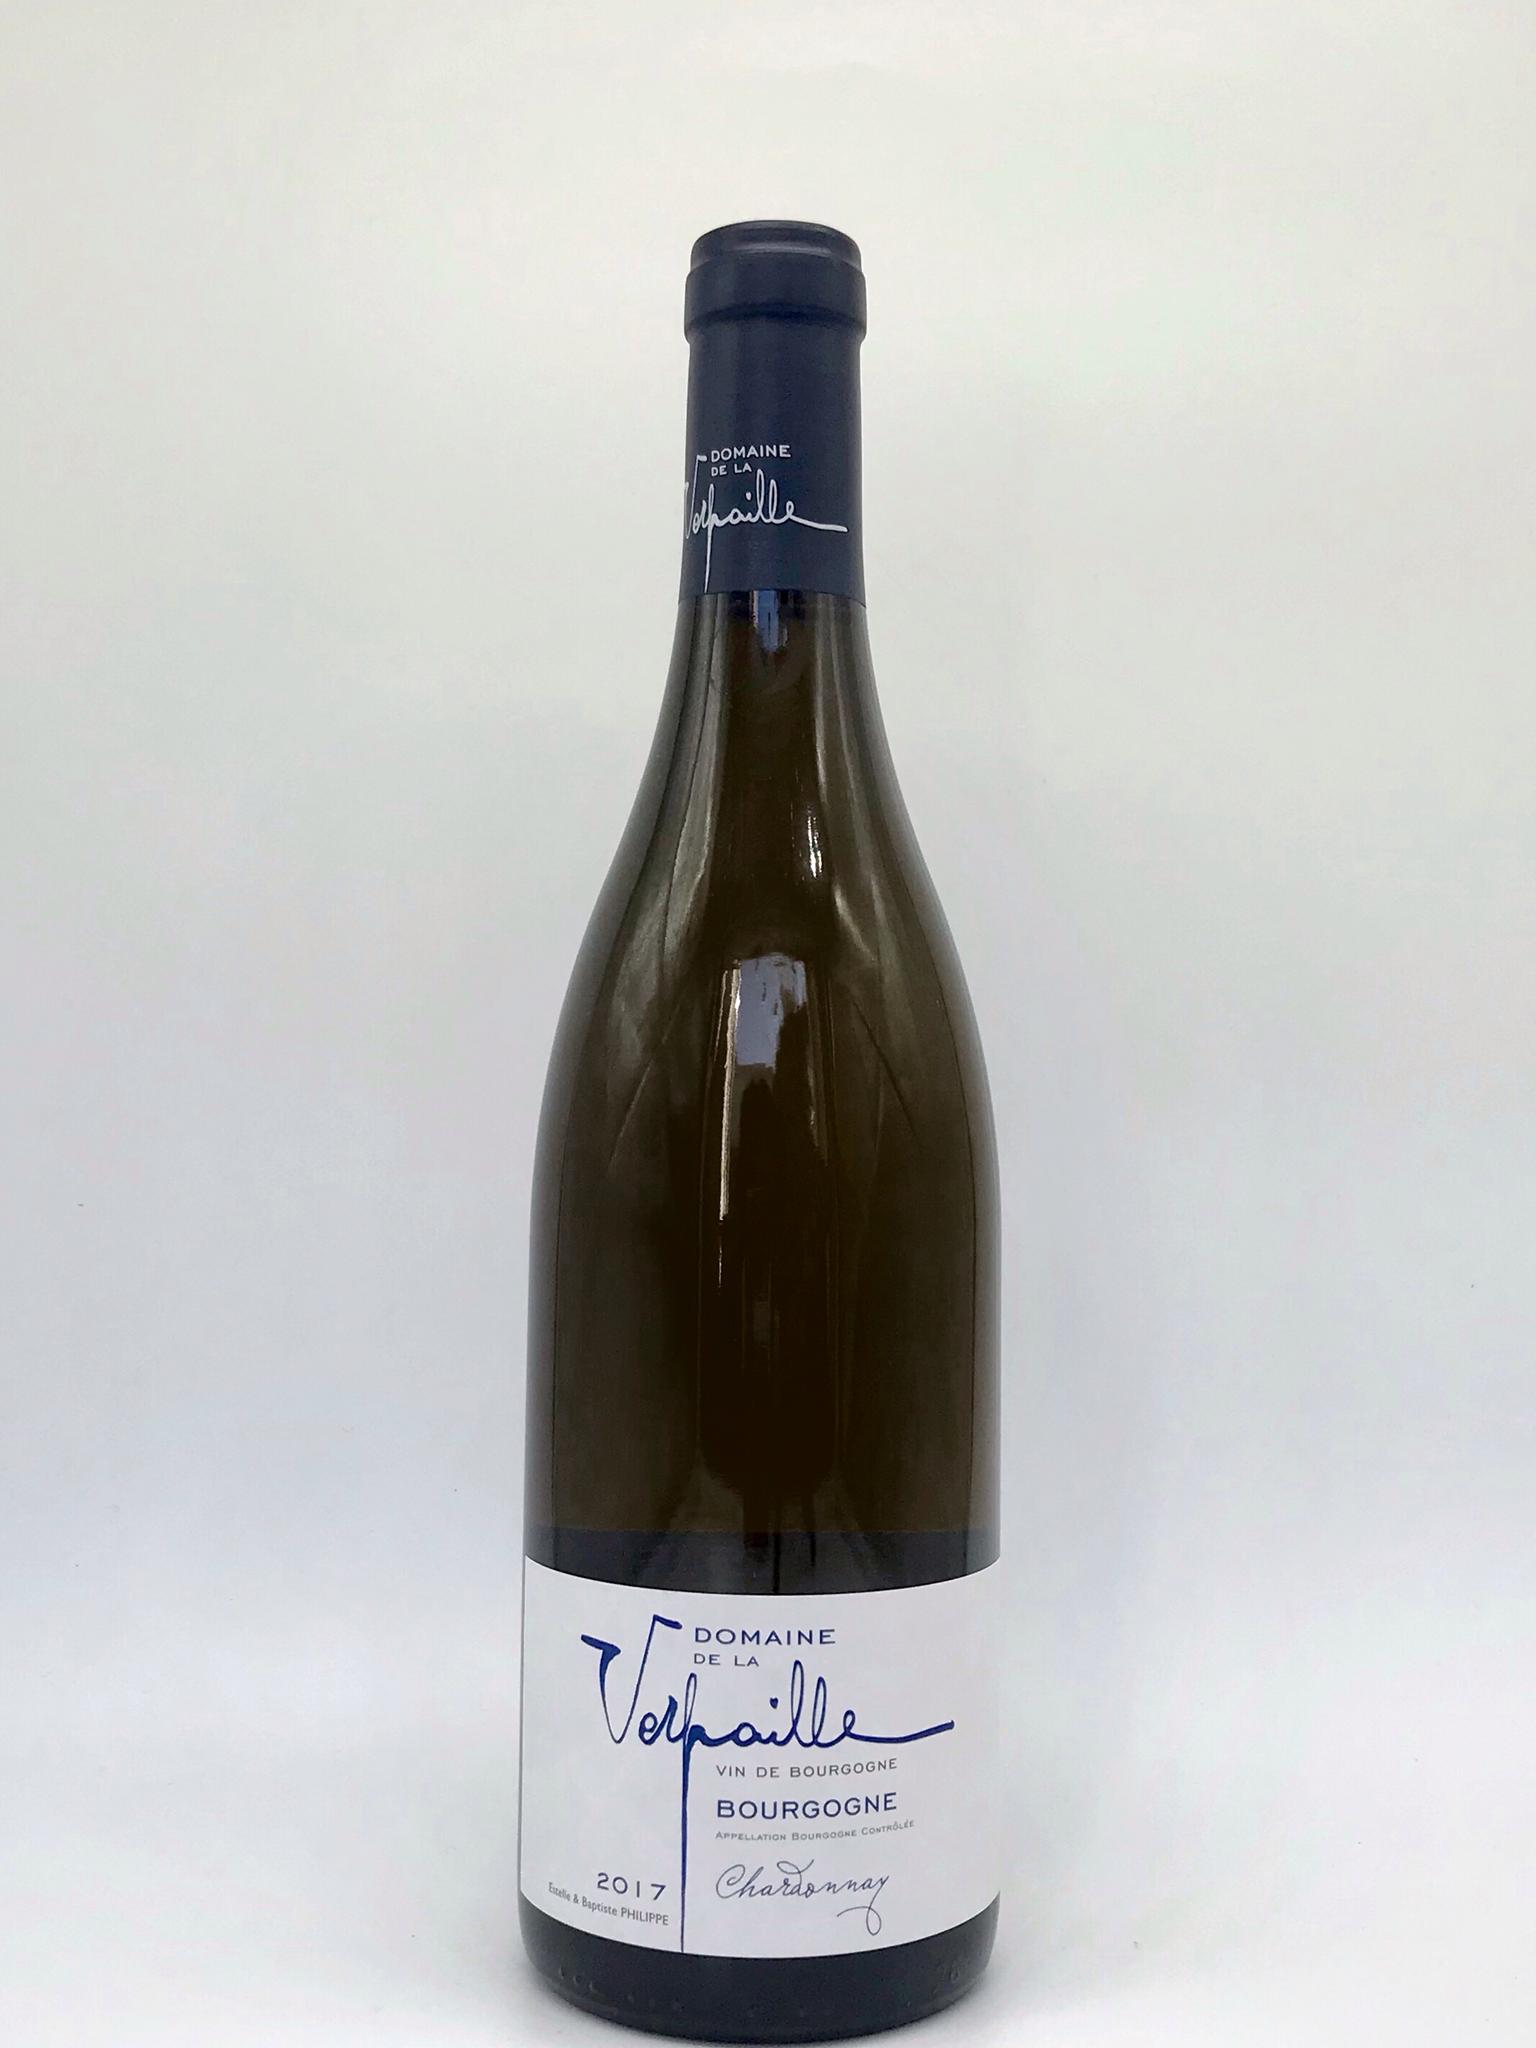 Bourgogne Chardonnay 2017, Domaine de la Verpaille 00144